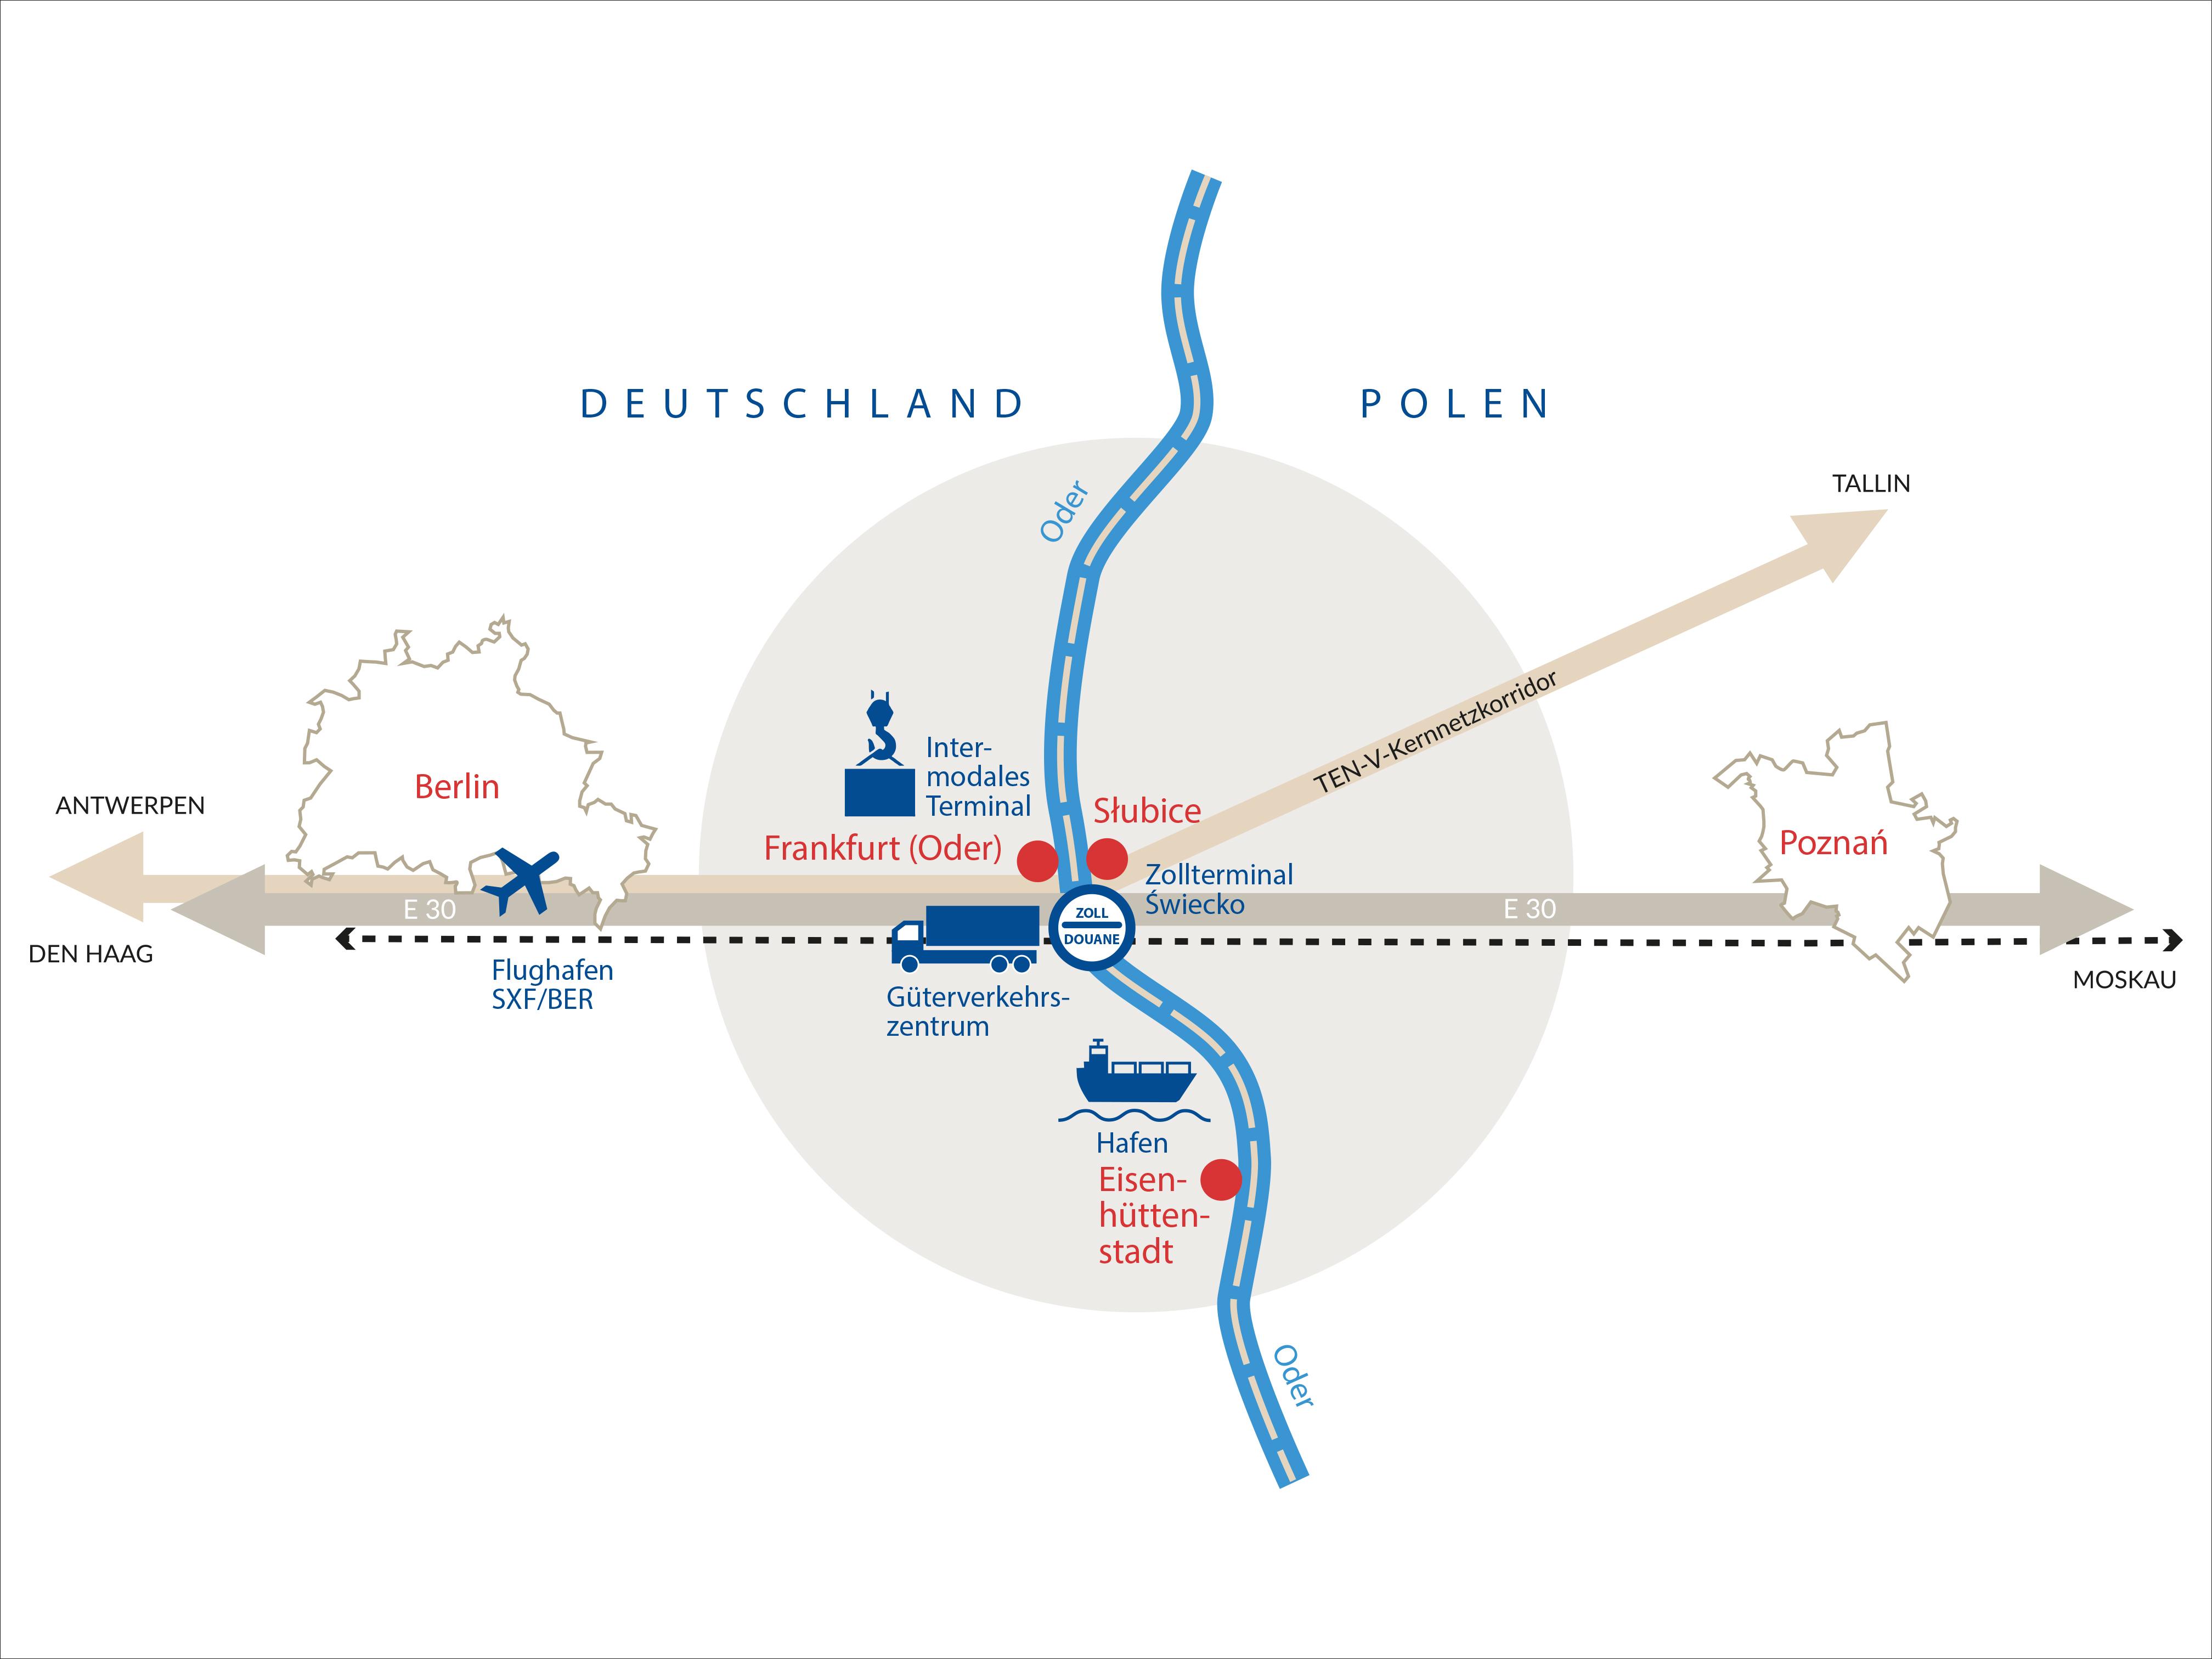 Deutsch-polnische Grenzregion Frankfurt(Oder)/Slubice